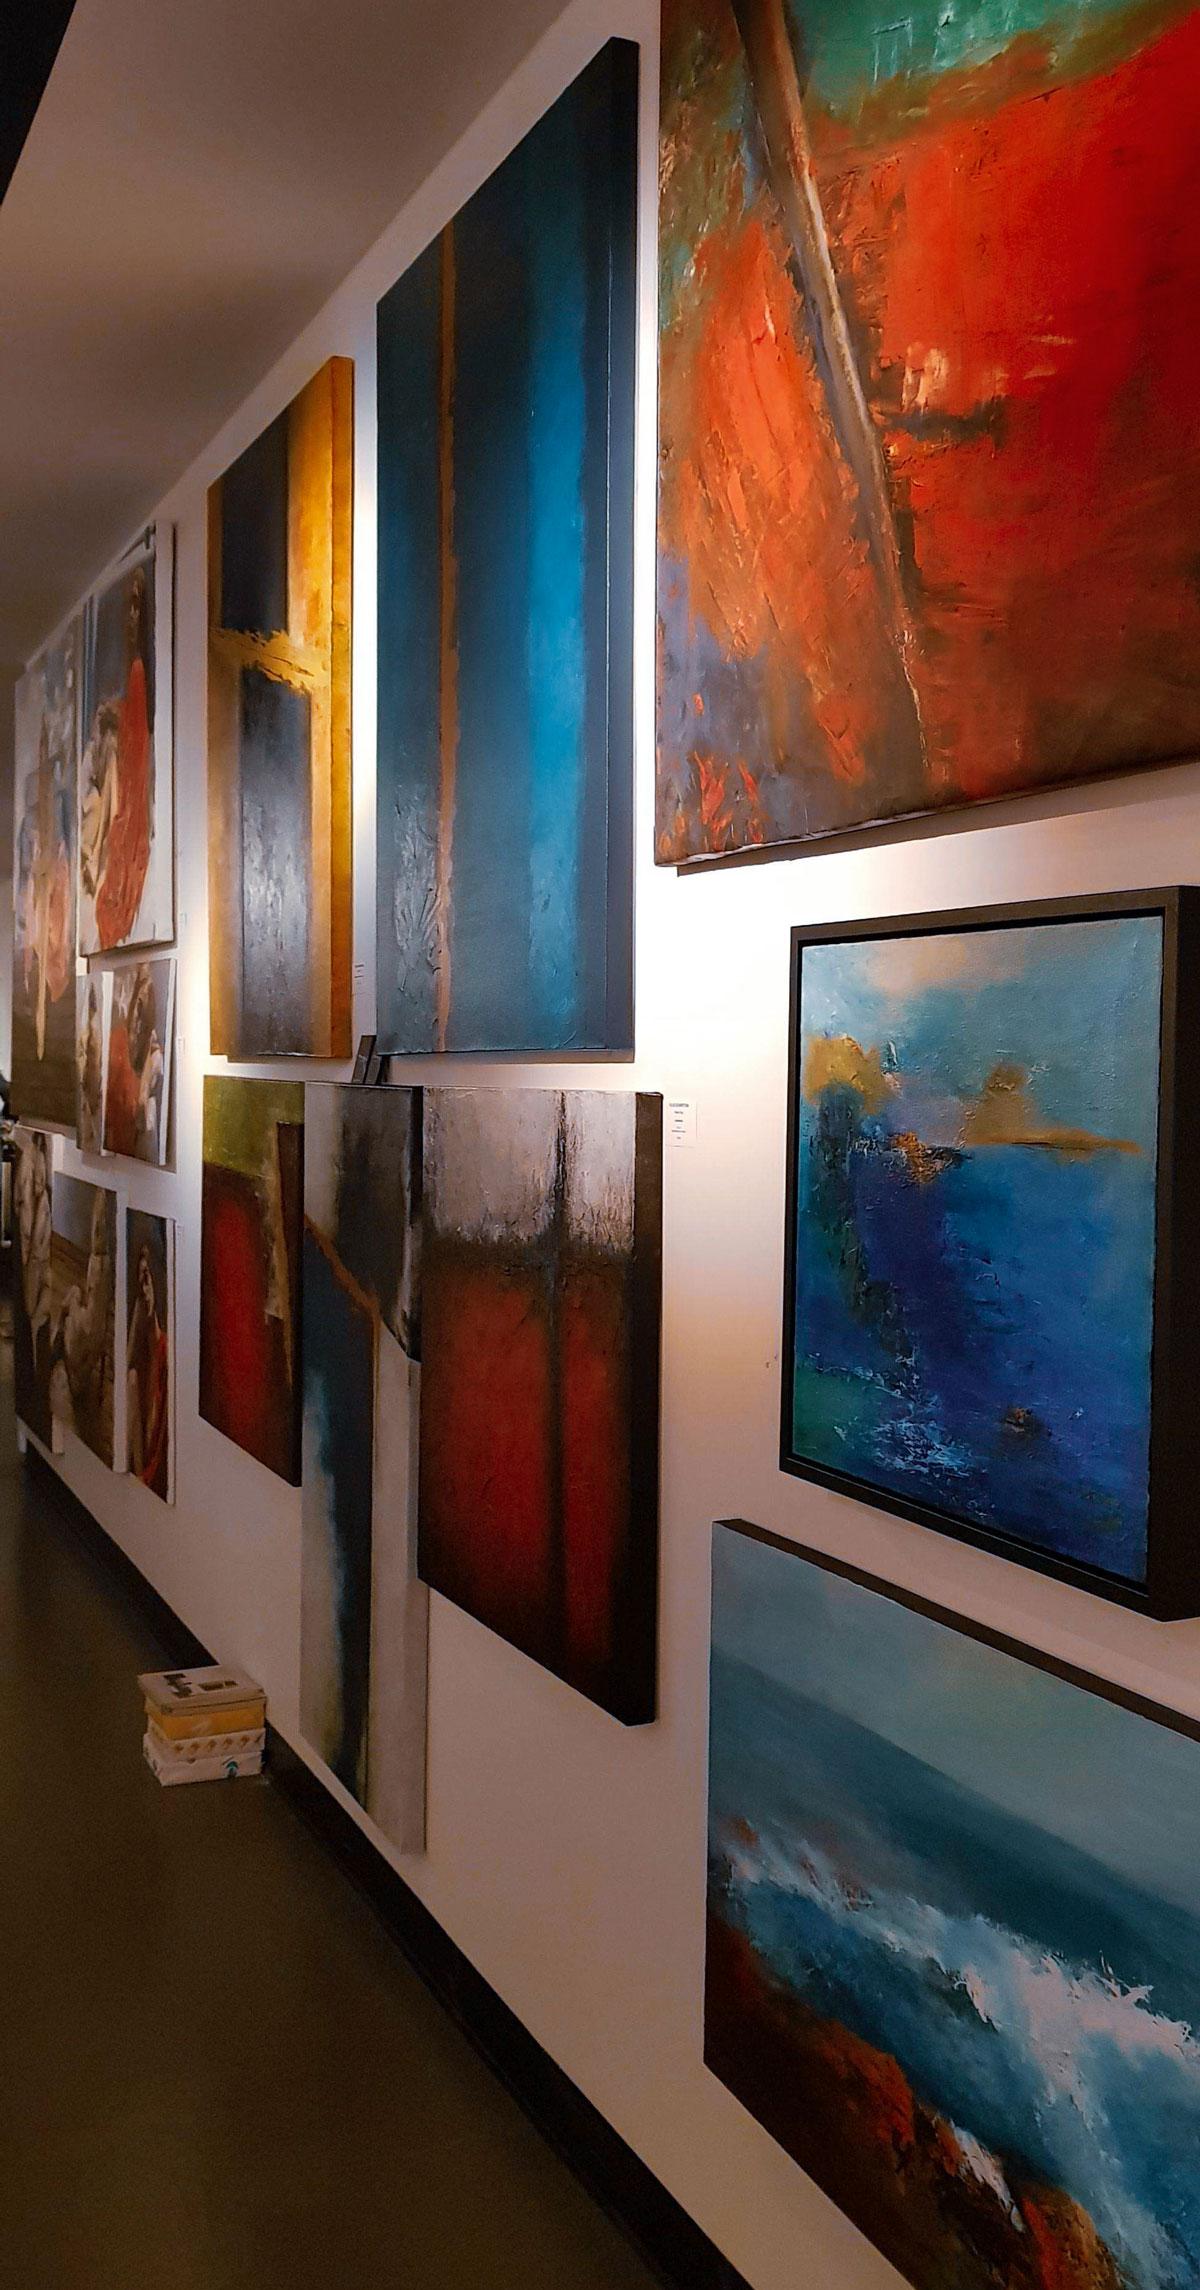 Exhibition - Flux